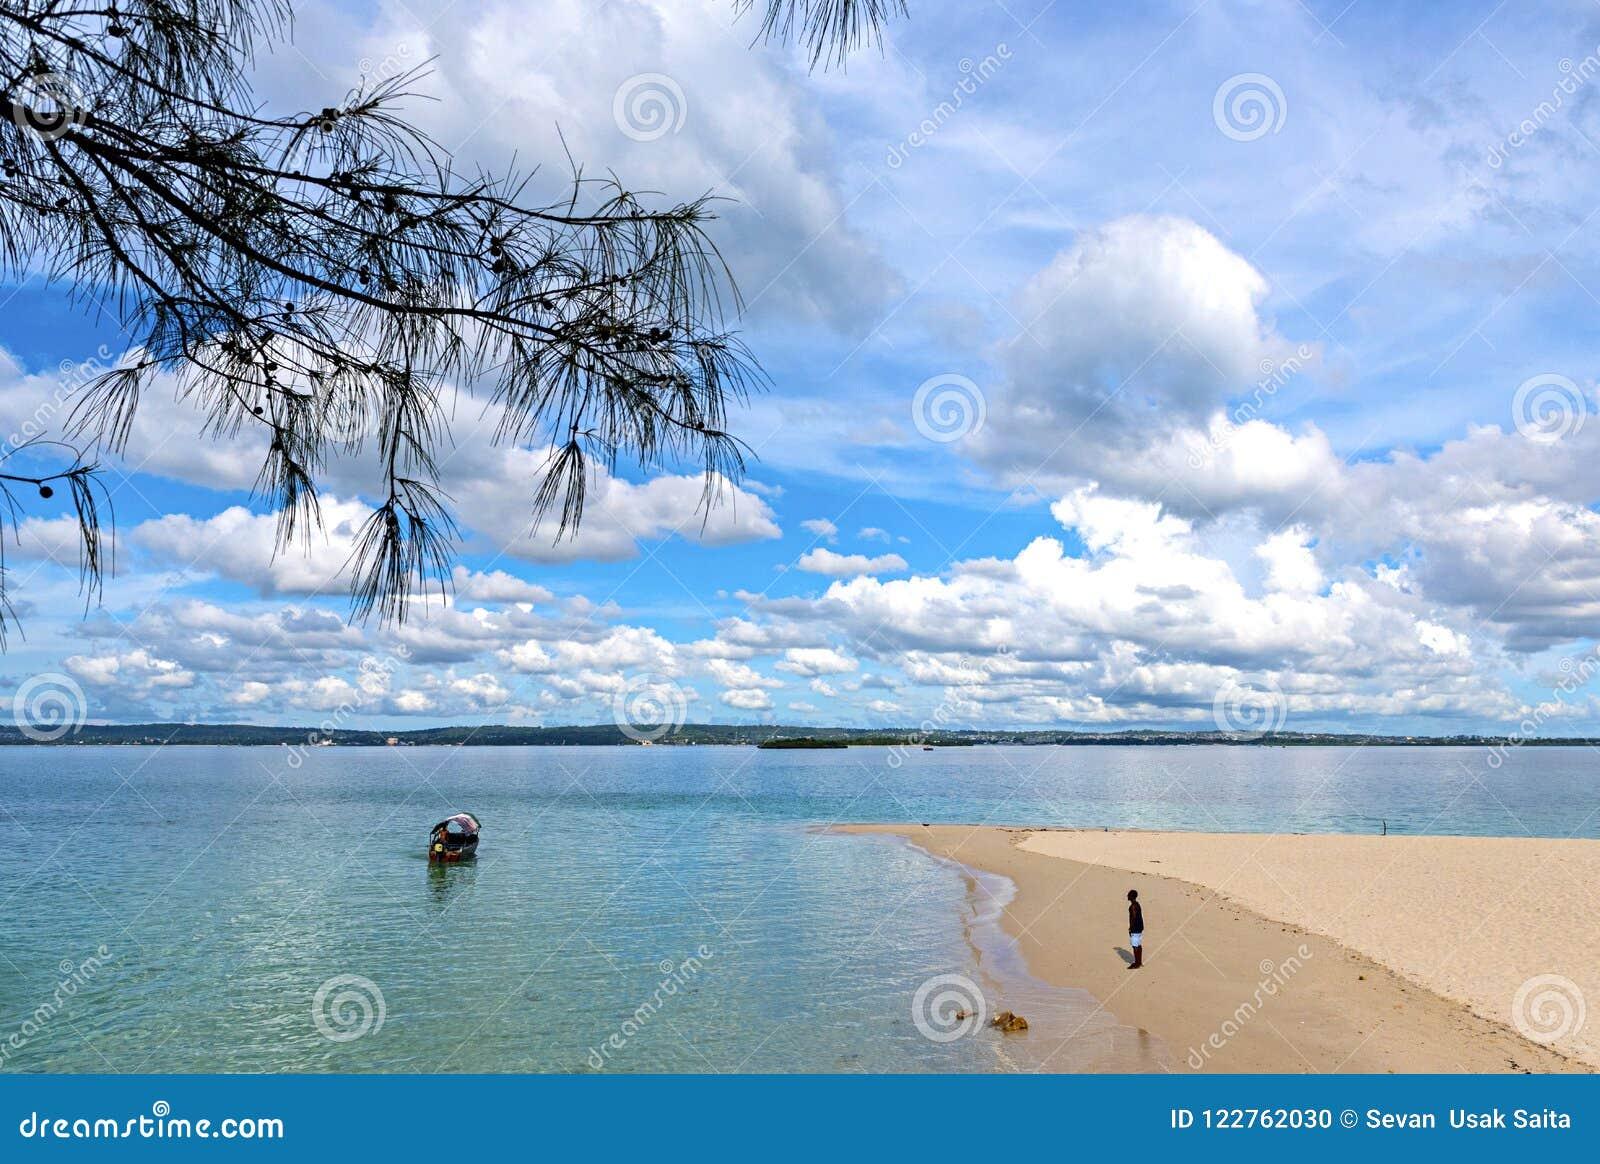 Widok ocean indyjski Tradycyjna dhow łódź na wodnym nea